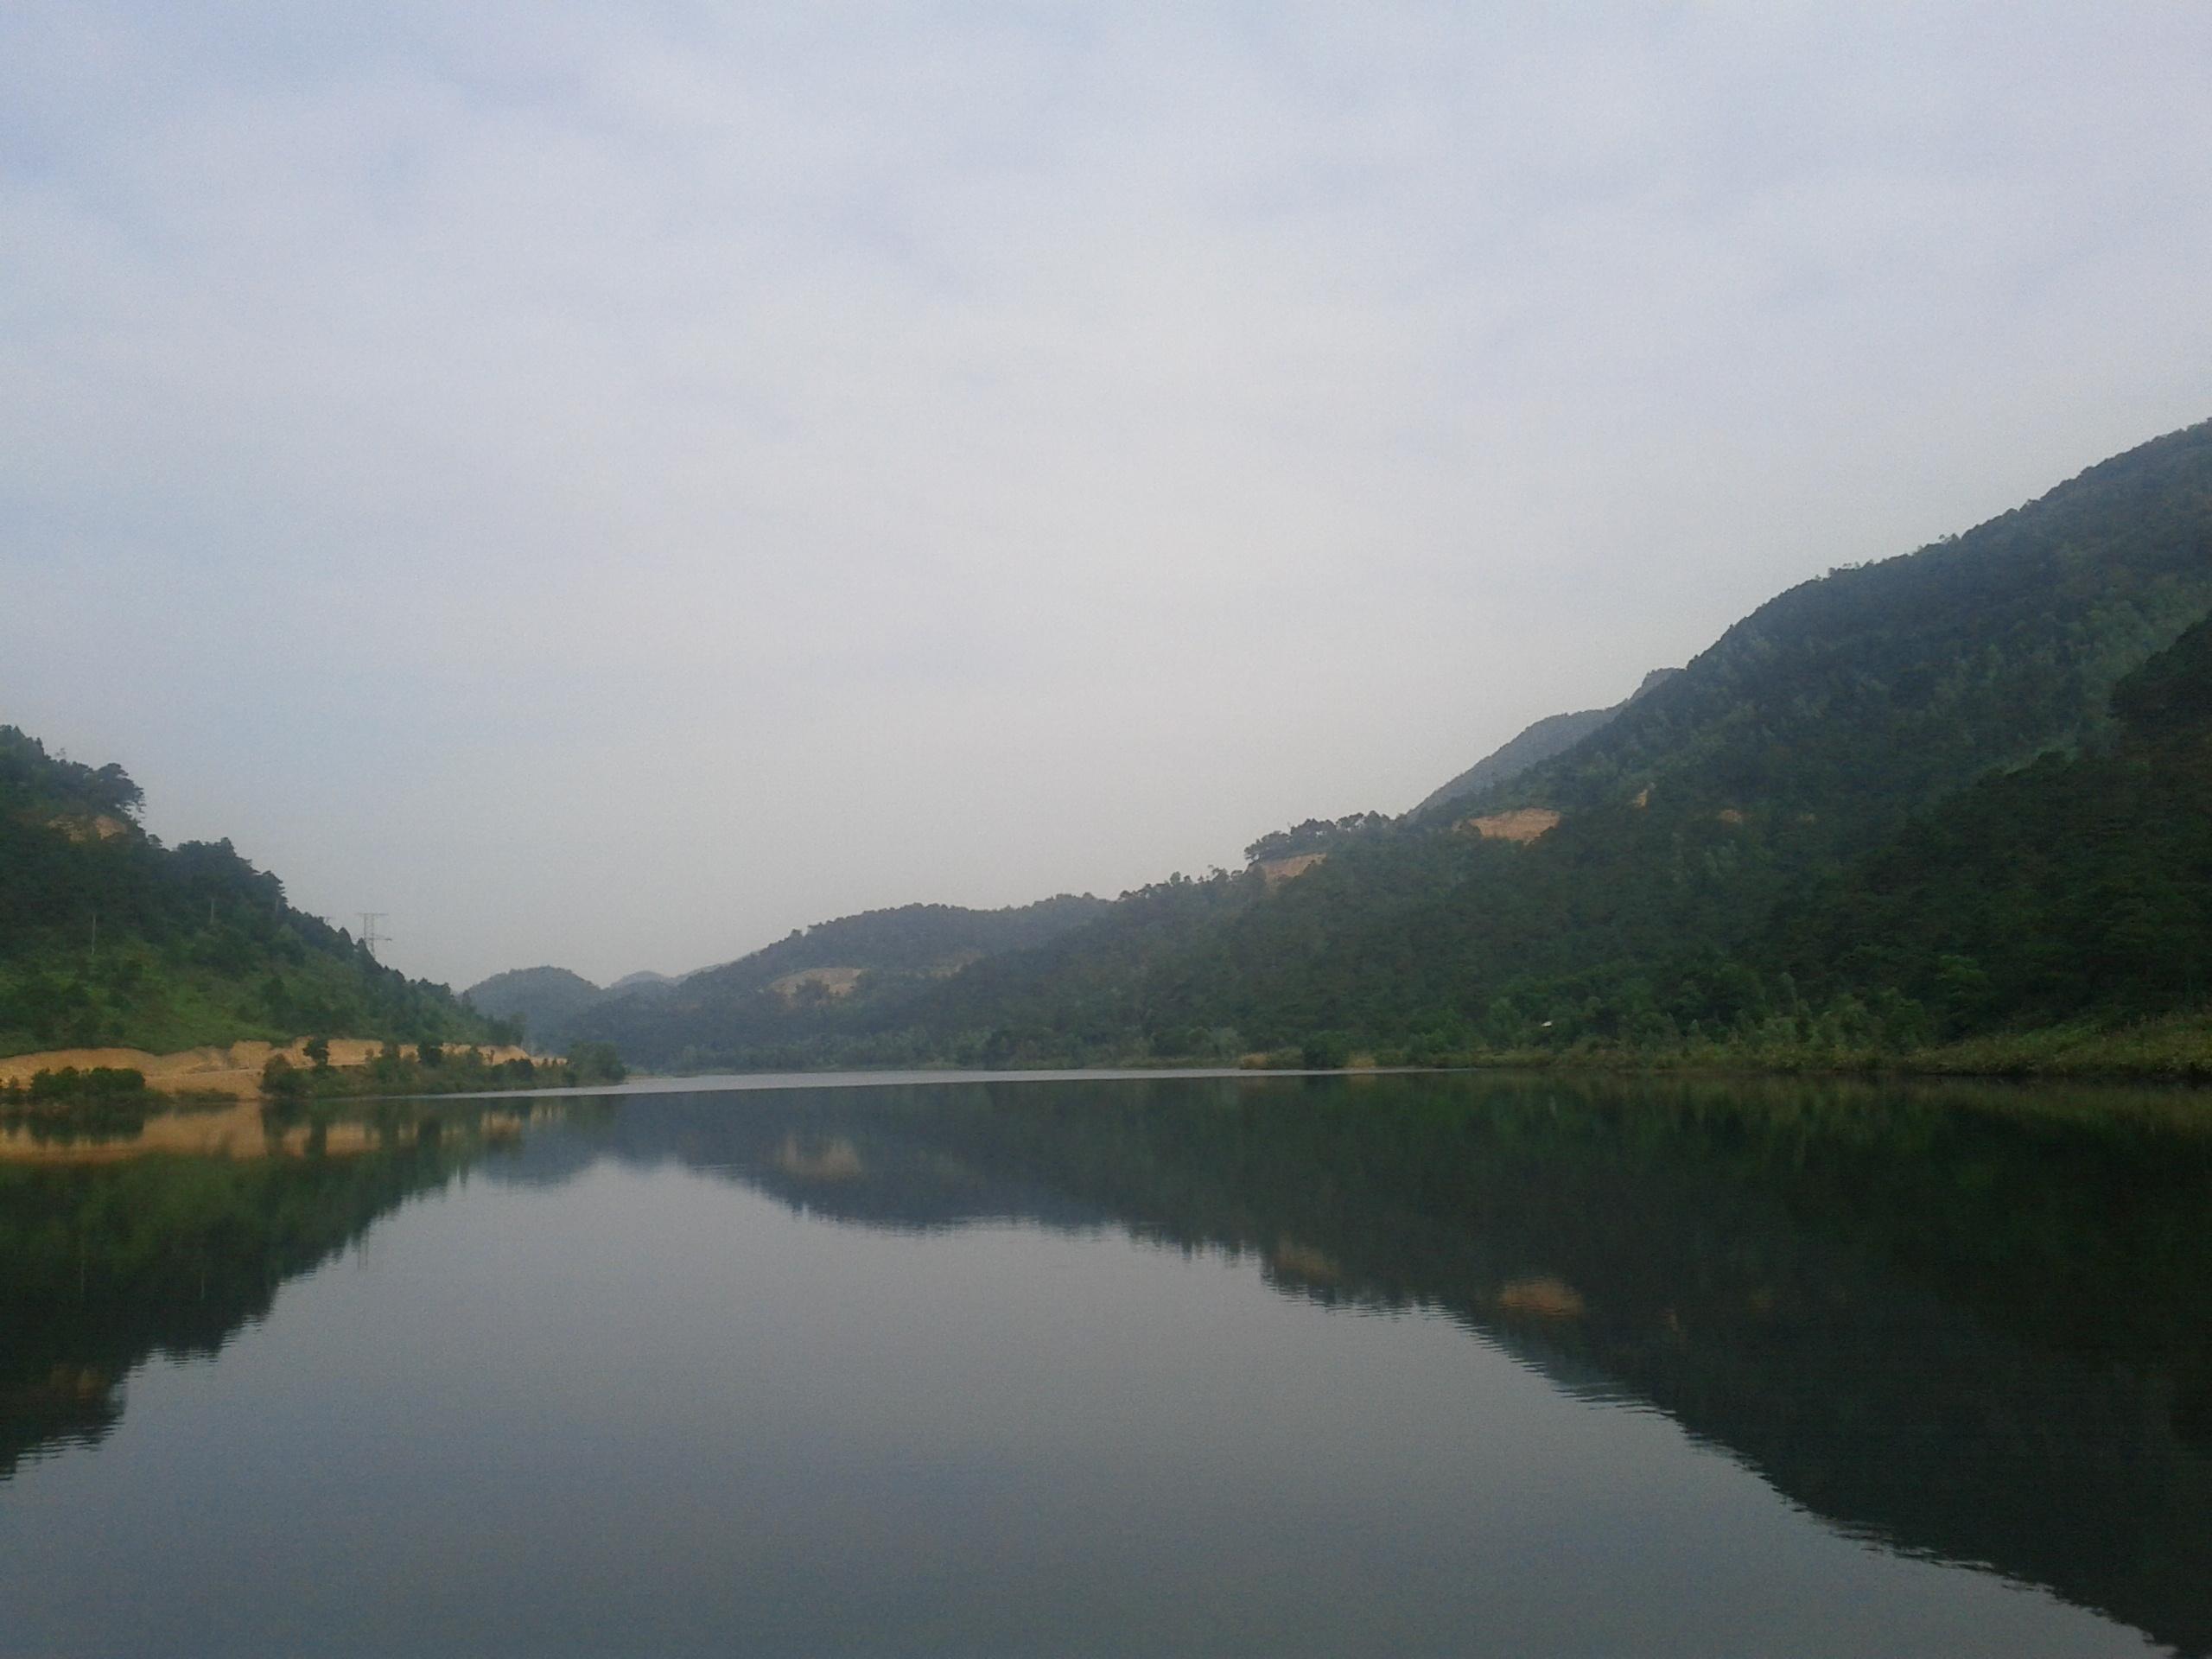 hồ nước rộng, núi, trên núi có cây